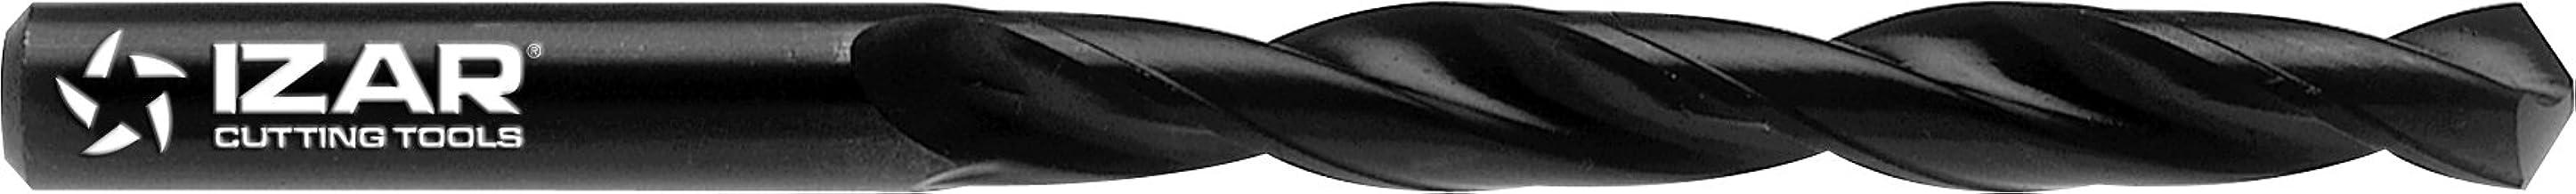 Izar 30209 Broca para metal HSS LAMINADA blister 10,00 mm